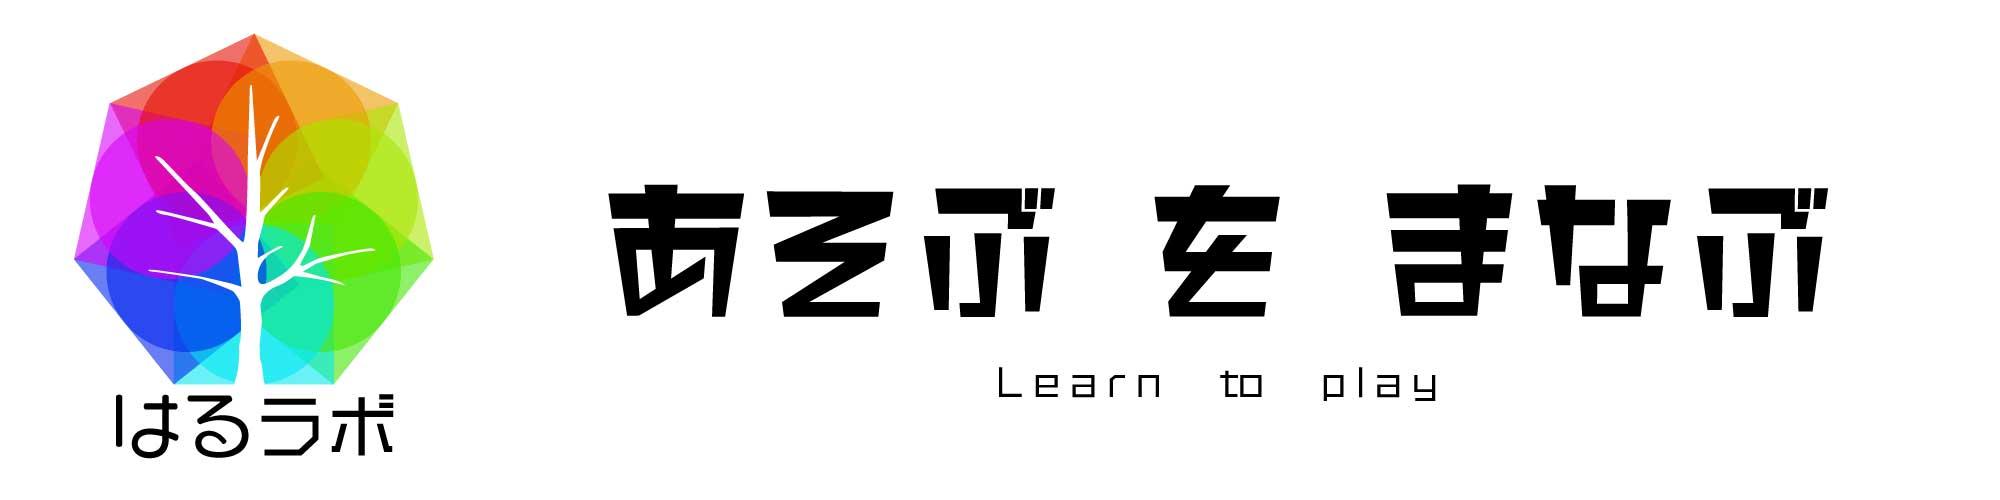 遊ぶを学ぶブログ